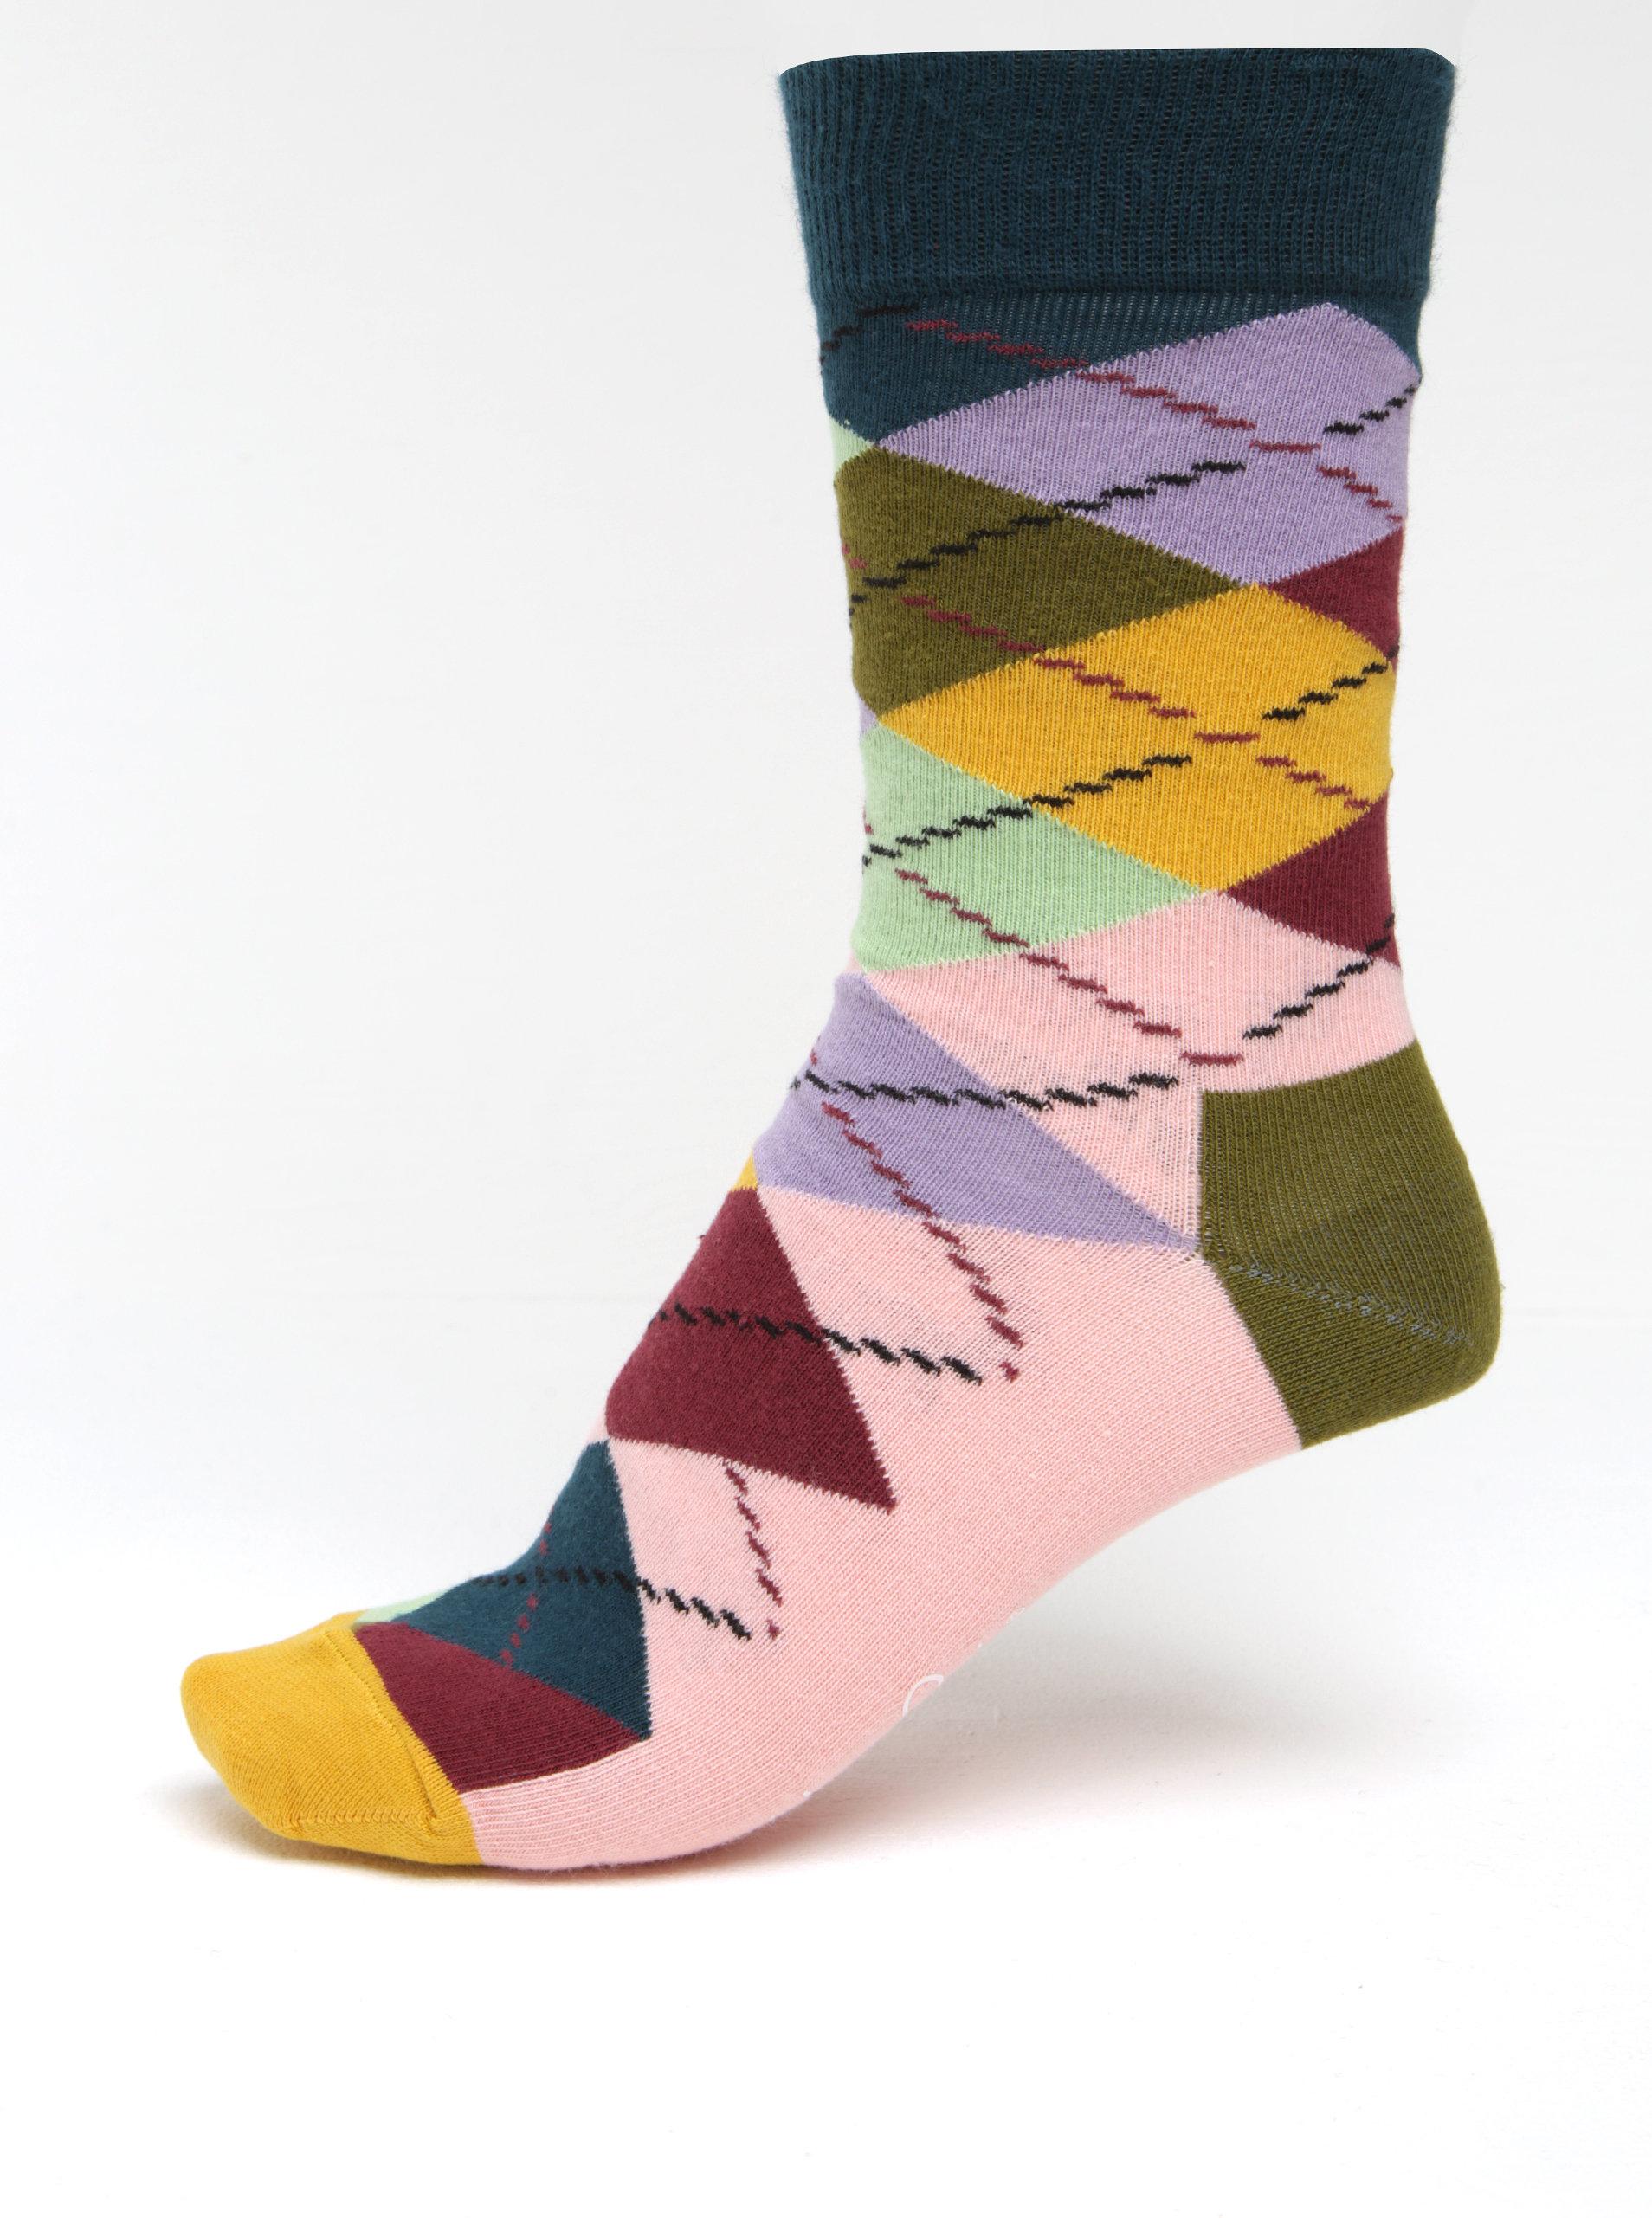 a4fdb4a84b1 Barevné dámské kárované ponožky Happy Socks Argyle ...